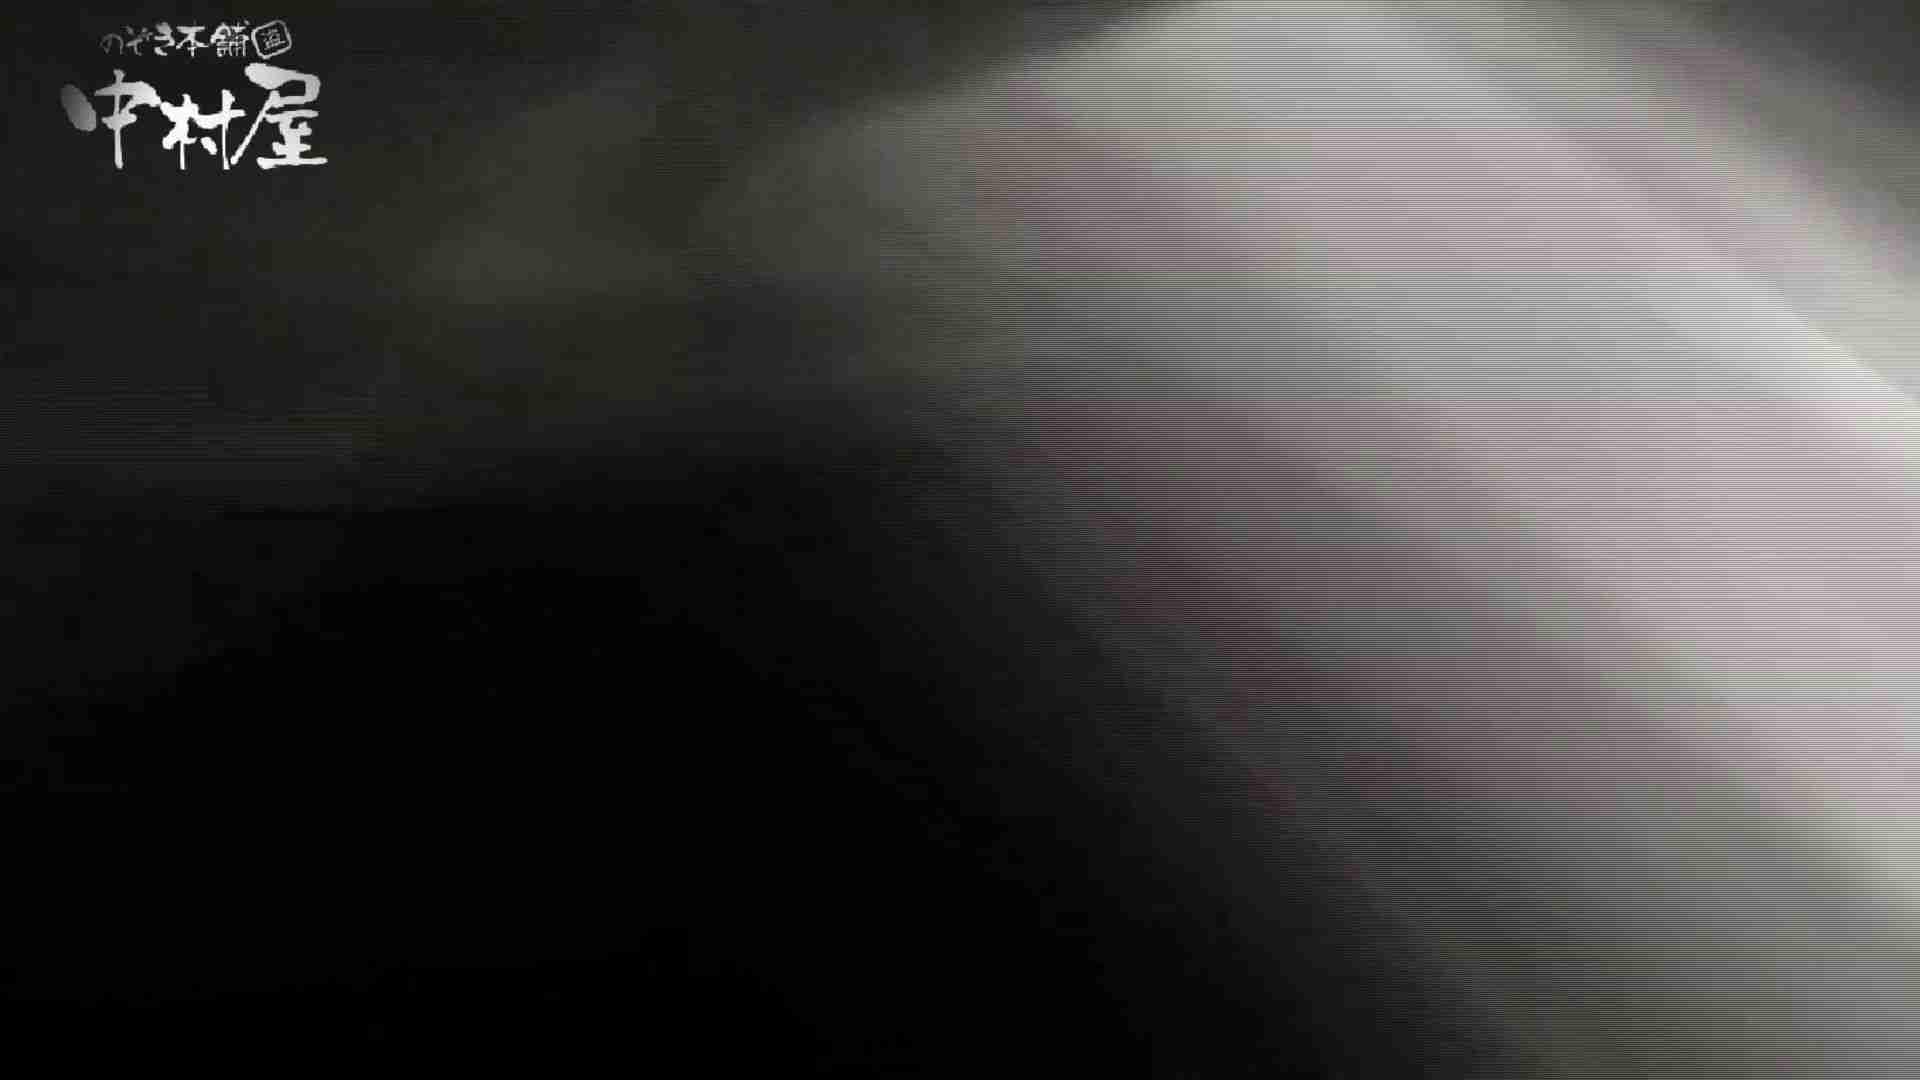 【世界の射窓から~ステーション編~】ステーション編 vol52 我慢して個室に入ったら。||:-)!! 盗撮特集 | おまんこ  79画像 6